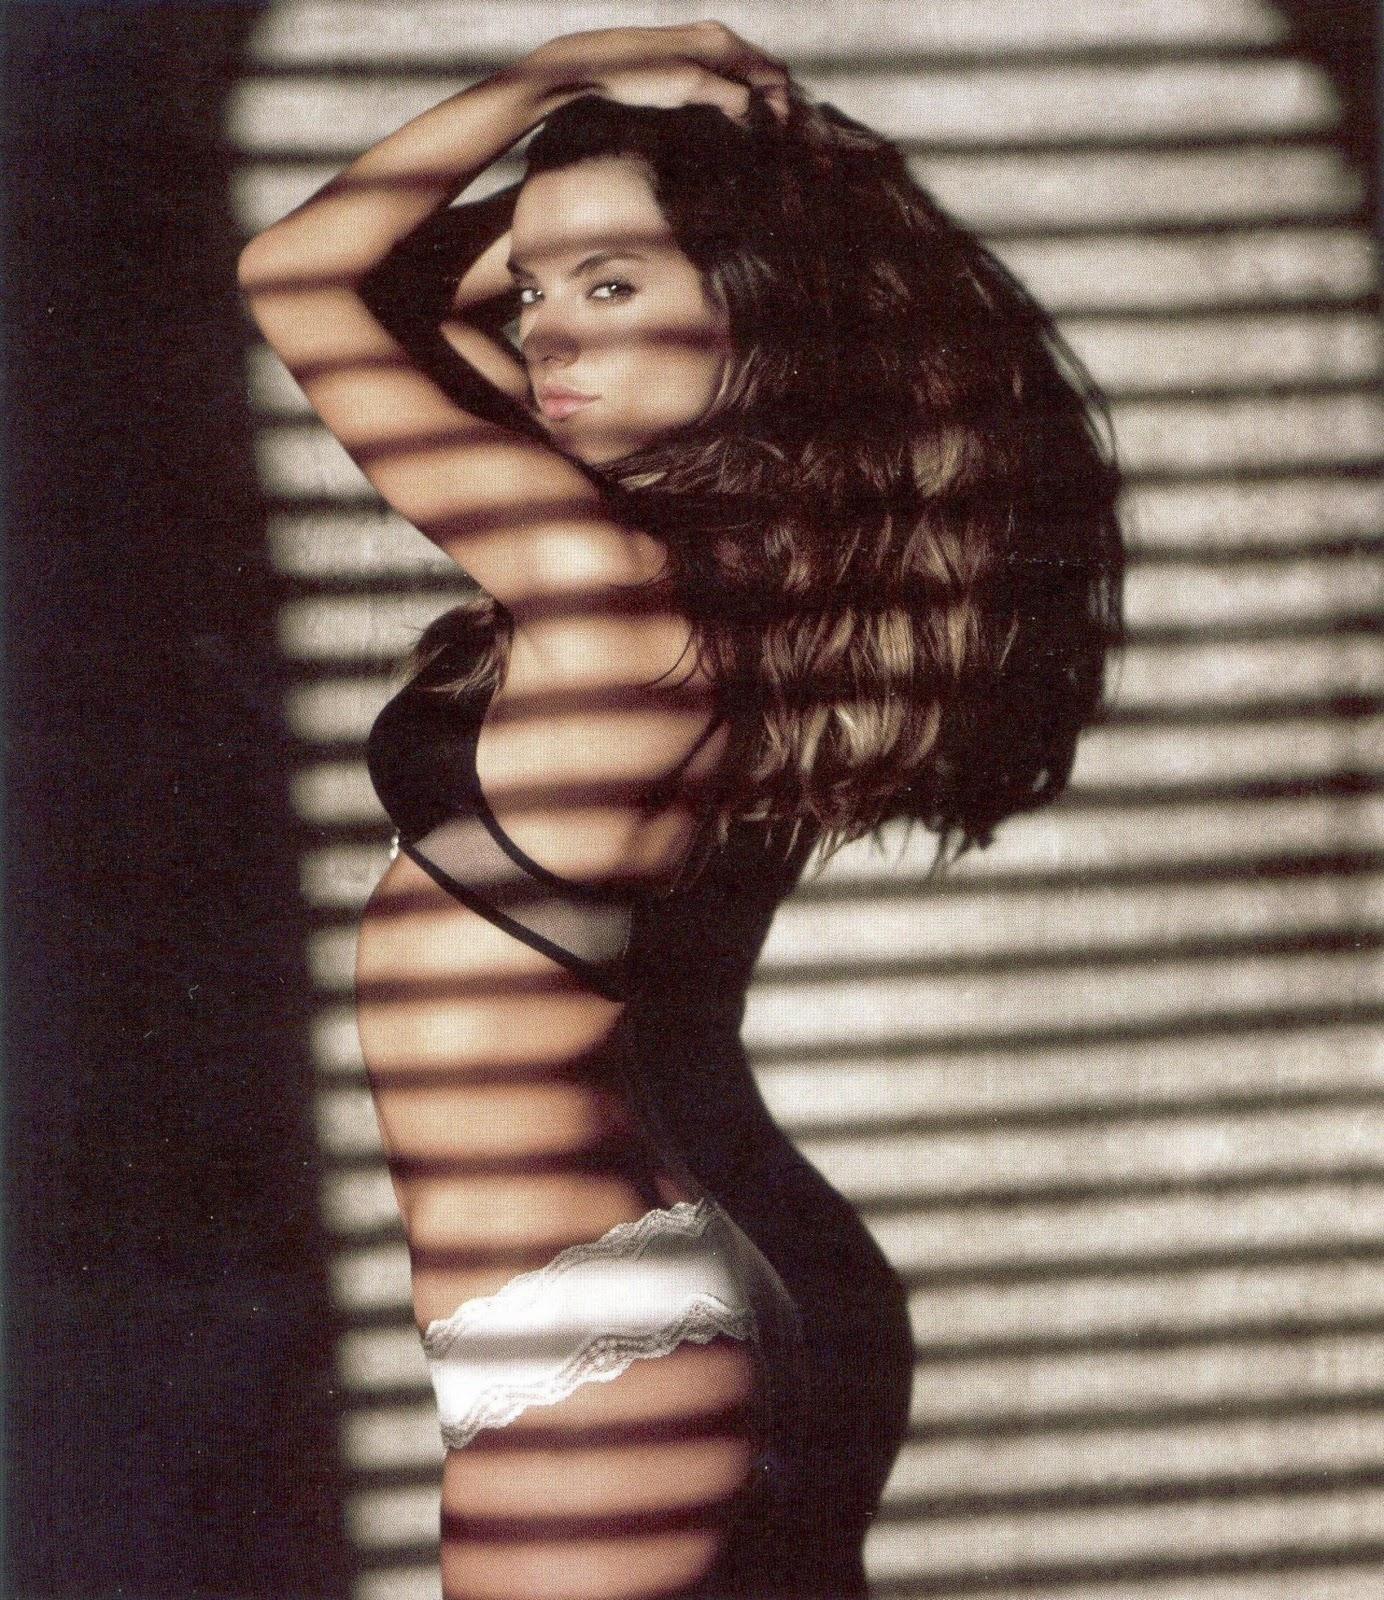 http://2.bp.blogspot.com/_QcYf_8sBCik/TTU9sp7Q4MI/AAAAAAAAIFY/KuKGCnGo7uA/s1600/Alessandra+Ambrosio+%25E2%2580%2593+GQ+Magazine+%25286%2529.jpg